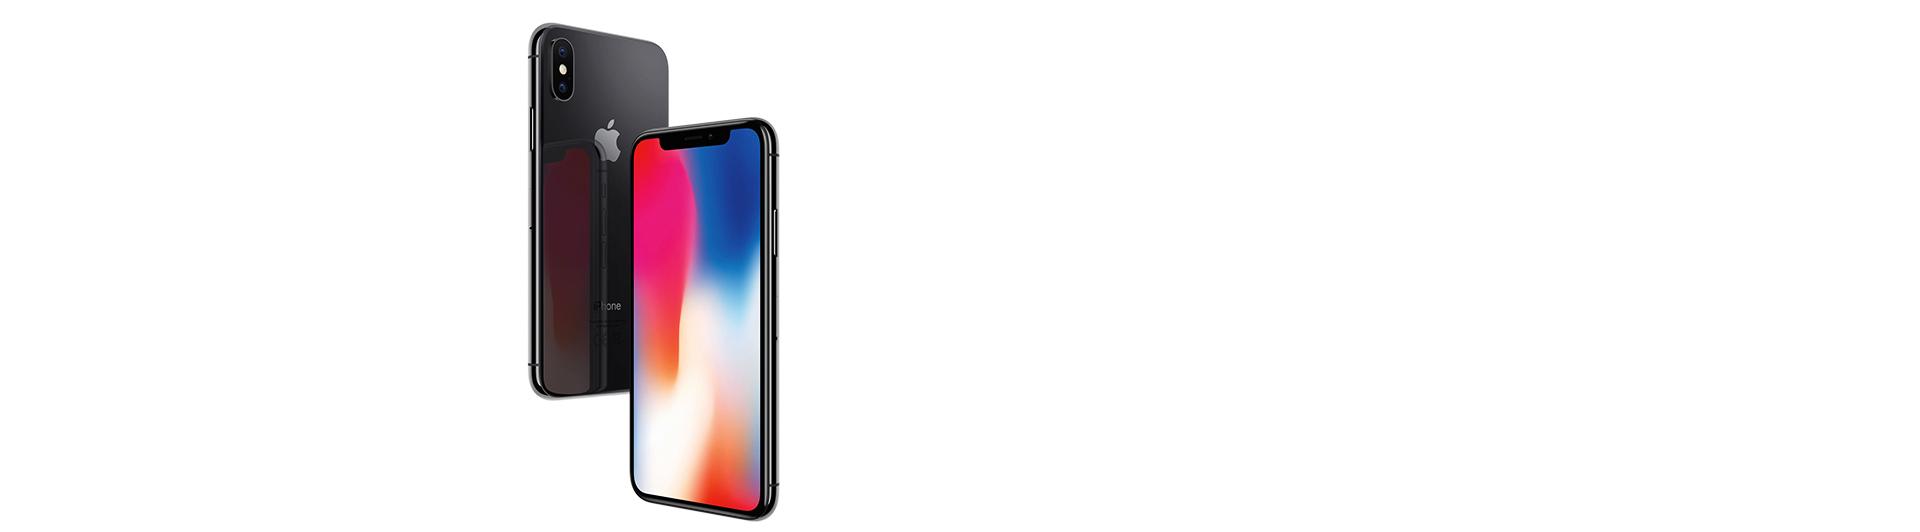 Điện thoại di động iPhone X 64GB Gray màn hình 5.8 inch siêu nét